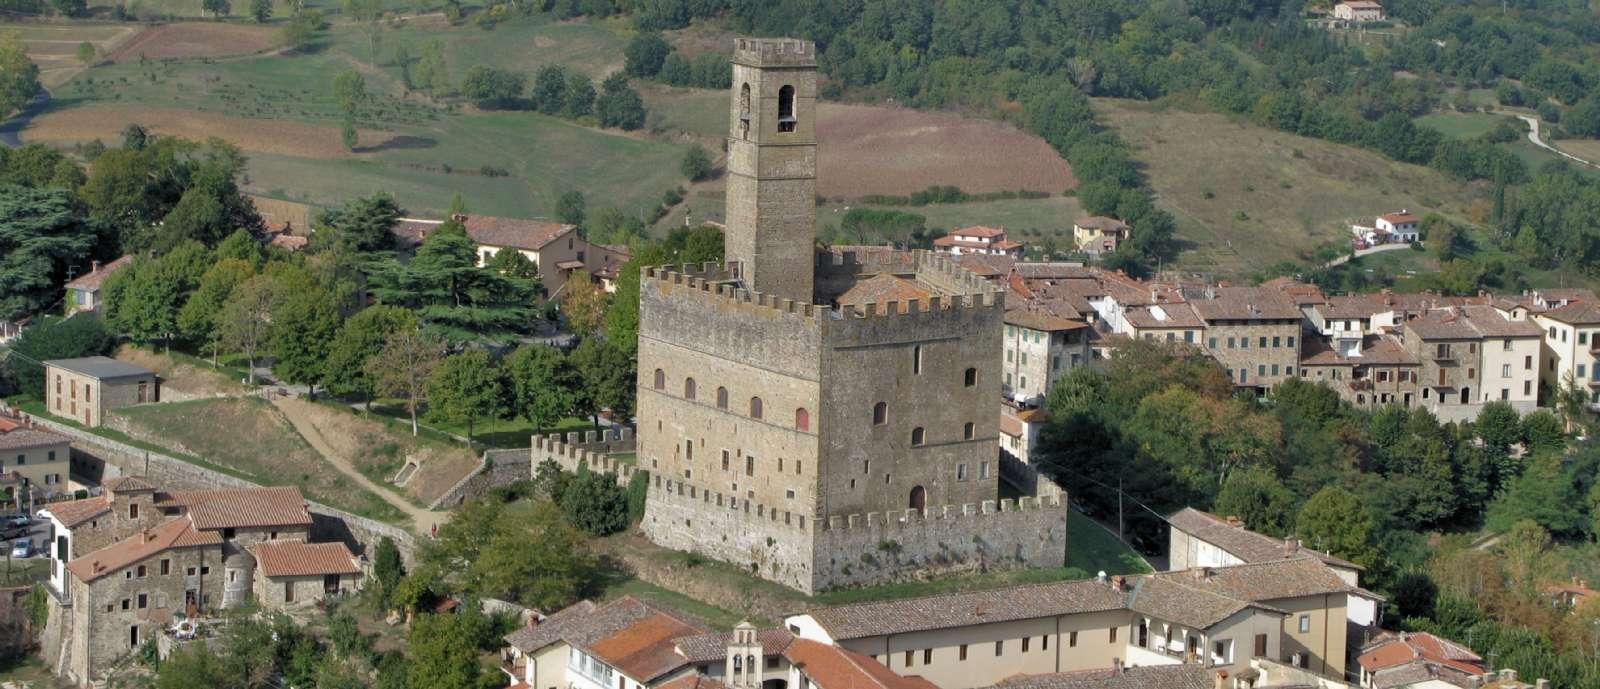 Die Poppi-Burg, Casentinos-Symbol